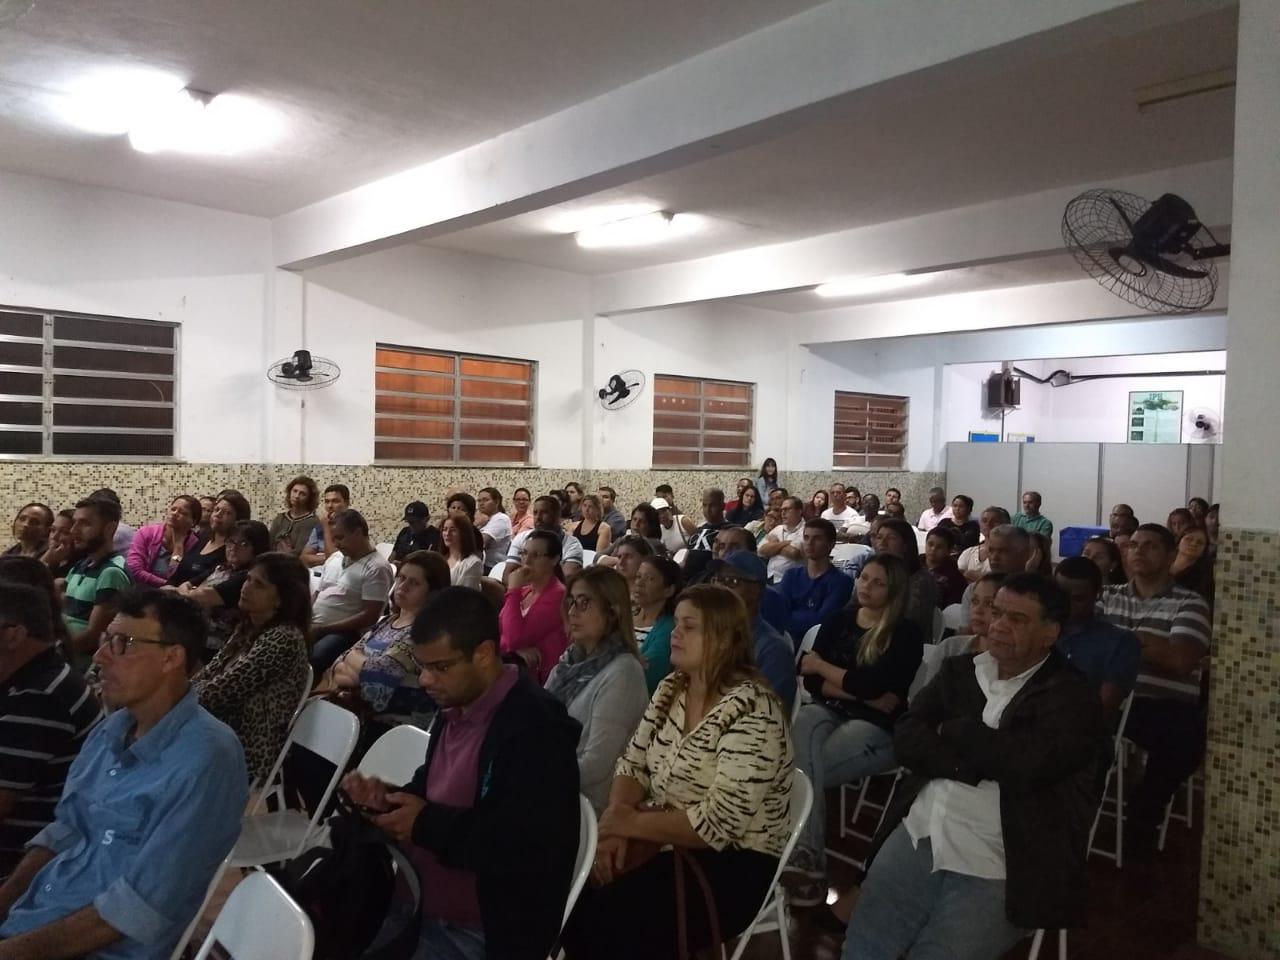 REUNIÃO DE PAIS E RESPONSÁVEIS DOS ALUNOS DO ENSINO MÉDIO DA ETERJ ITAGUAÍ.